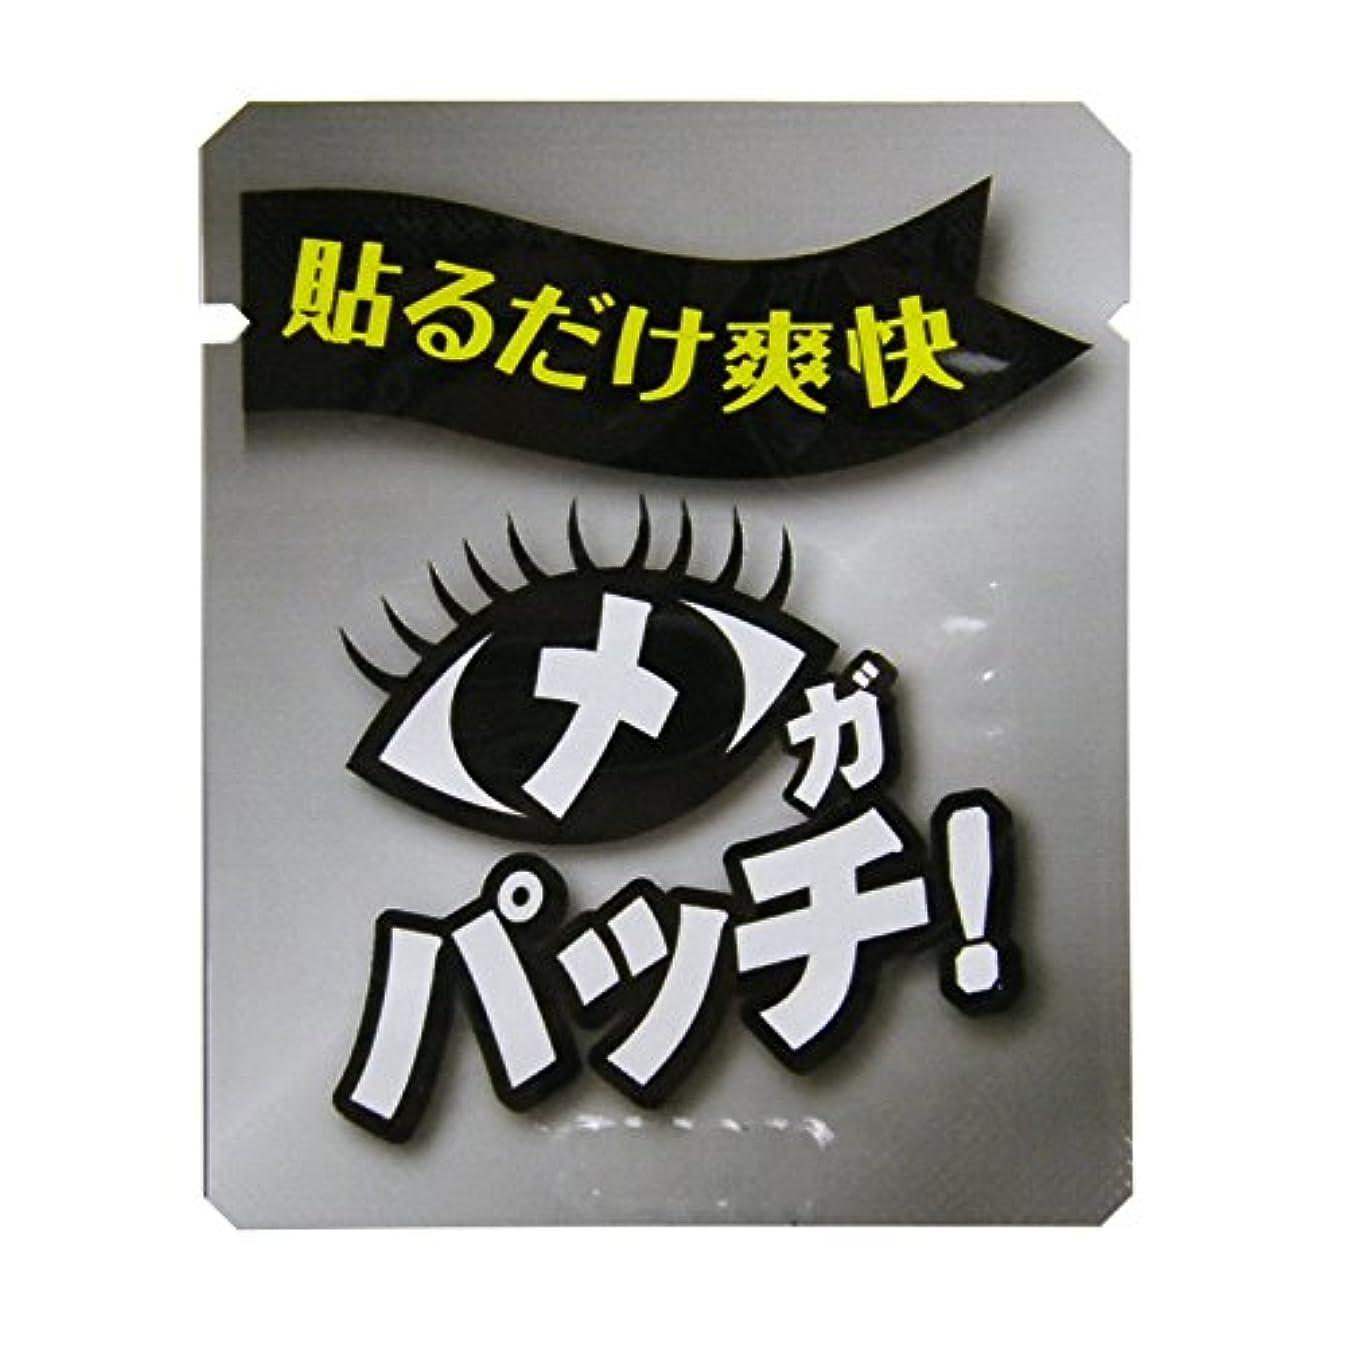 メガパッチ お試し用 1枚 【実質無料サンプルストア対象】